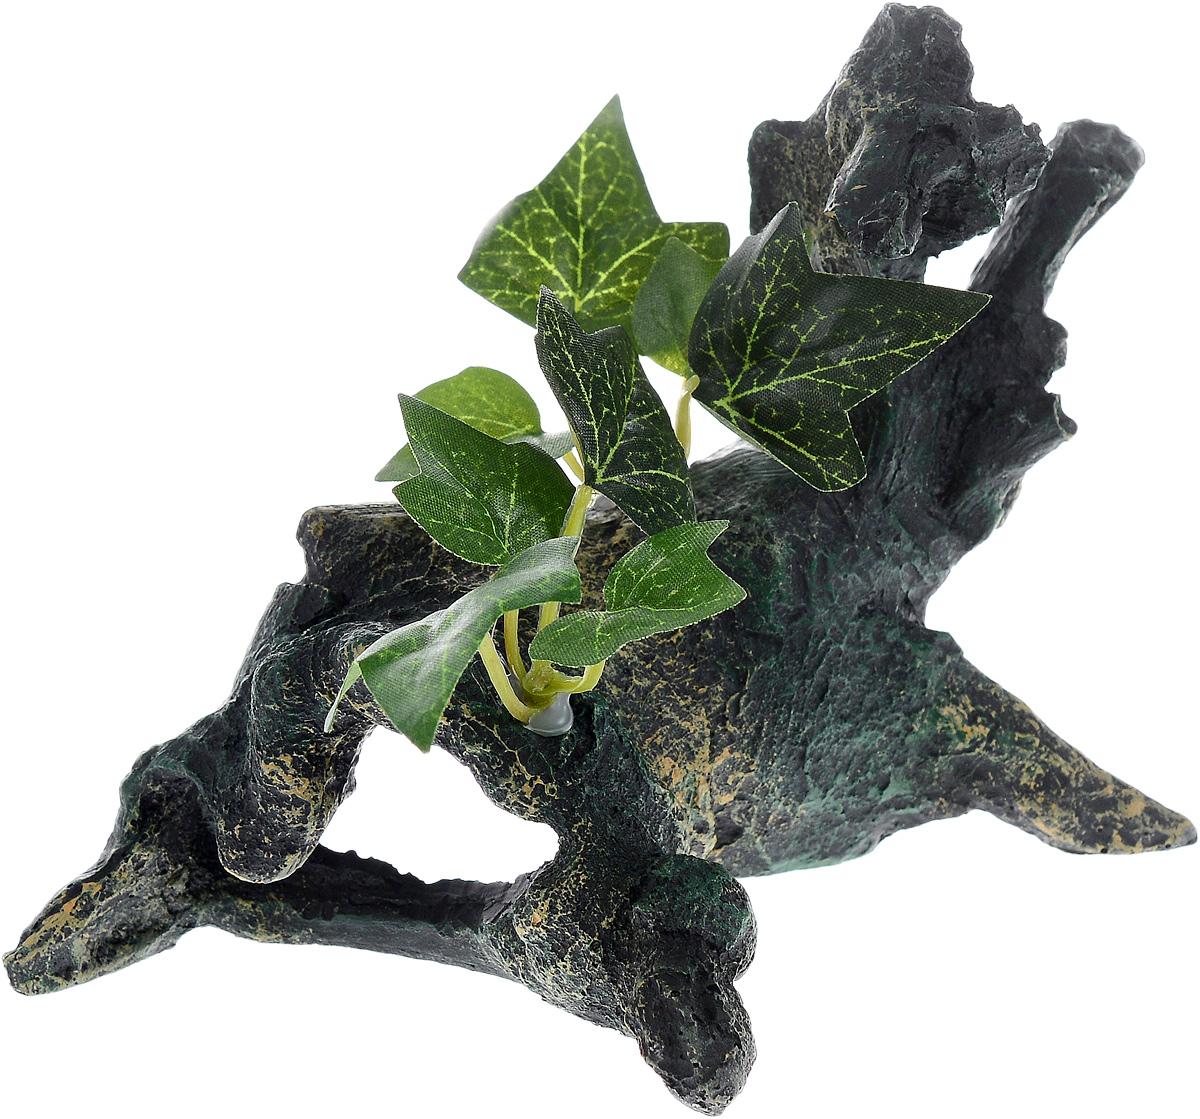 Декорация для аквариума Barbus Коряга с растением, 18 х 10,5 х 13 см0120710Декорация для аквариума Barbus Коряга с растением, выполненная из высококачественного нетоксичного полирезина, станет прекрасным украшением вашего аквариума. Изделие отличается реалистичным исполнением с множеством мелких деталей и отверстий. Ведь многие обитатели аквариума используют декорации как укрытия, в которых они живут и размножаются. Декорация абсолютно безопасна, нейтральна к водному балансу, устойчива к истиранию краски, подходит как для пресноводного, так и для морского аквариума. Благодаря декорациям Barbus вы сможете смоделировать потрясающий пейзаж на дне вашего аквариума или террариума.